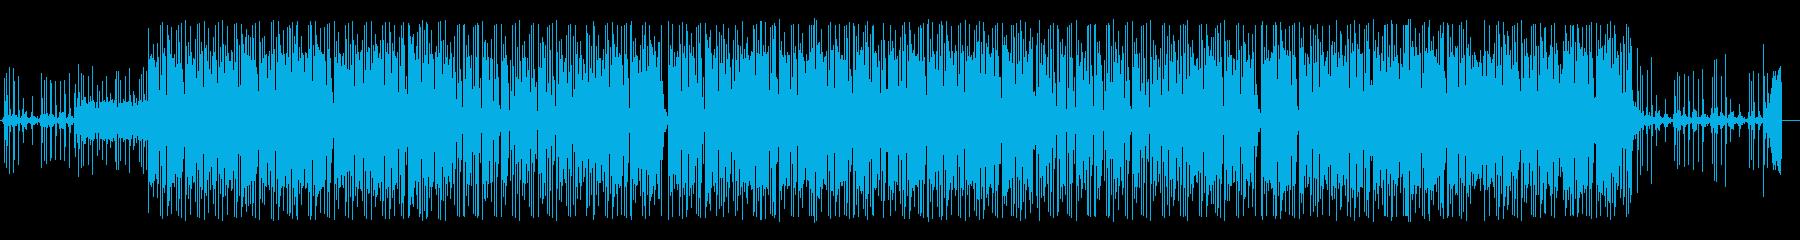 アングラ・和風メロ・EDM・都市伝説用の再生済みの波形